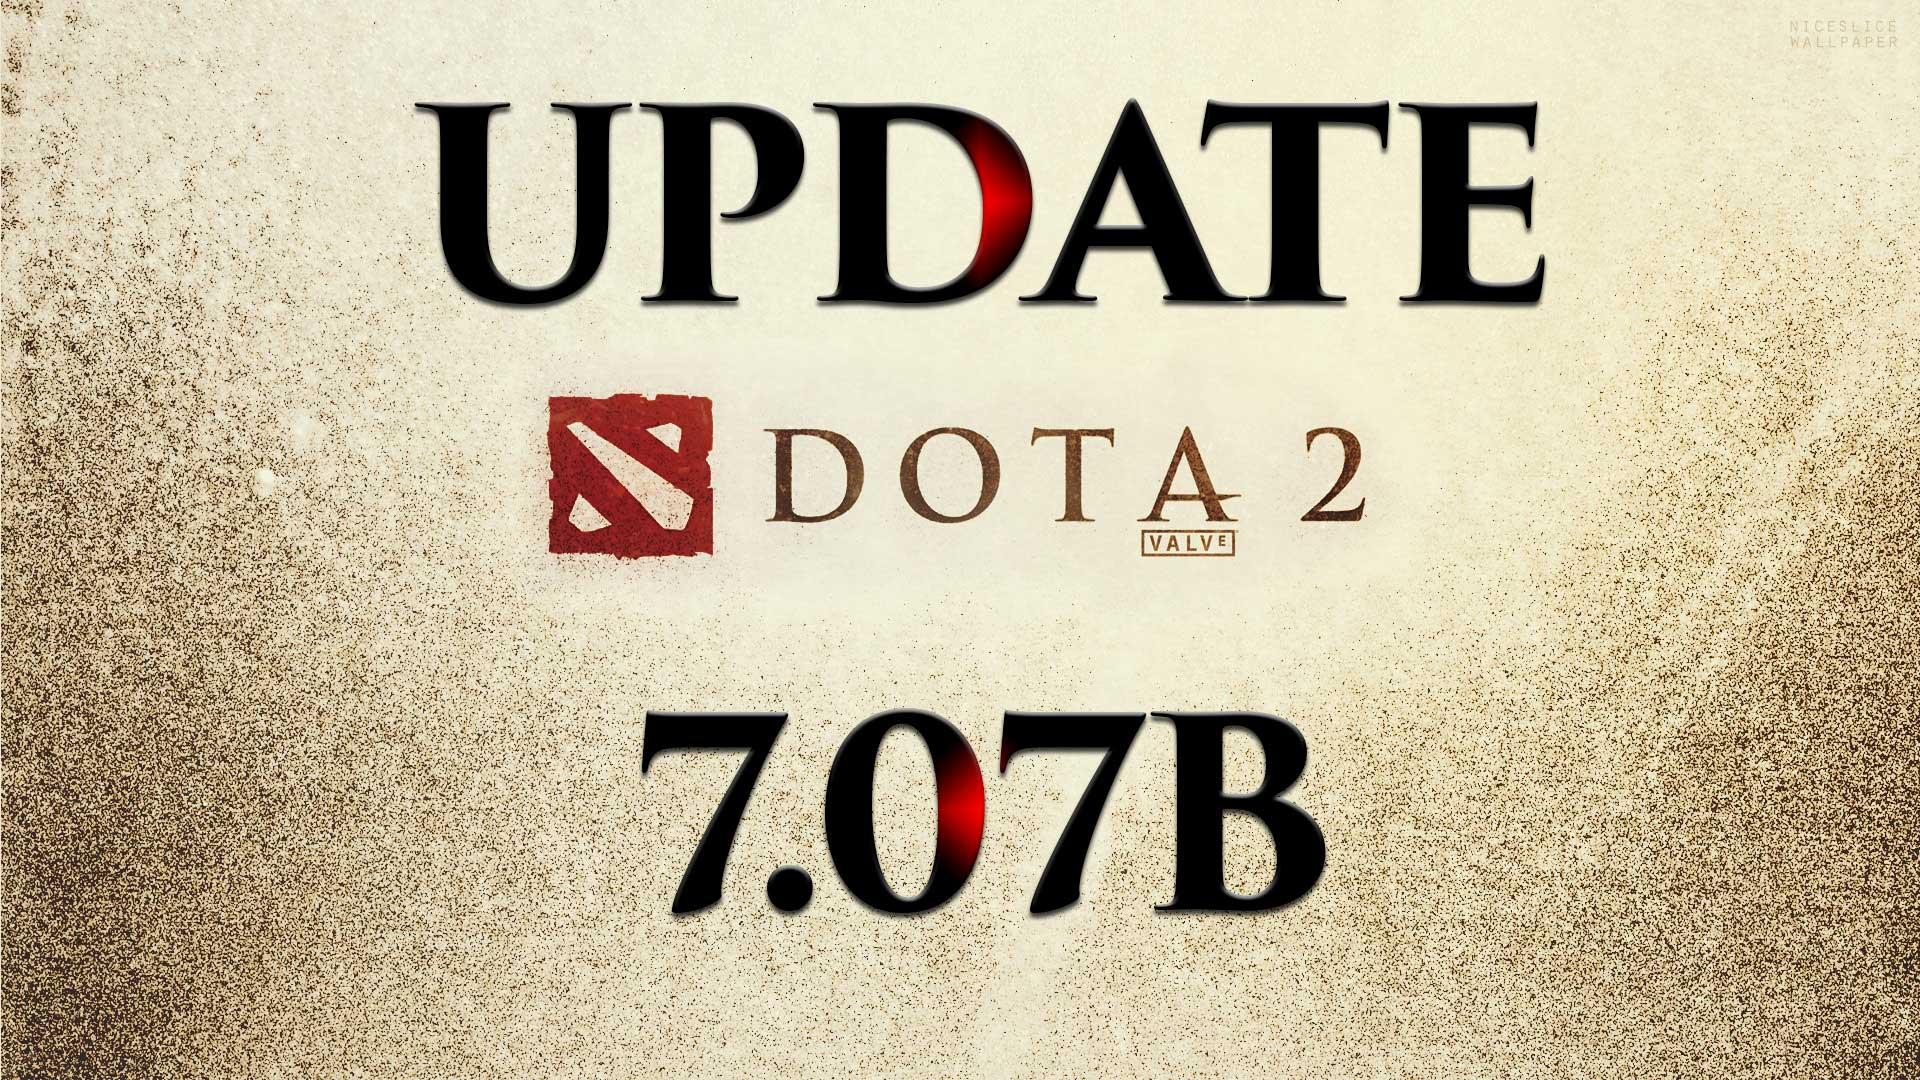 Update 7.07b